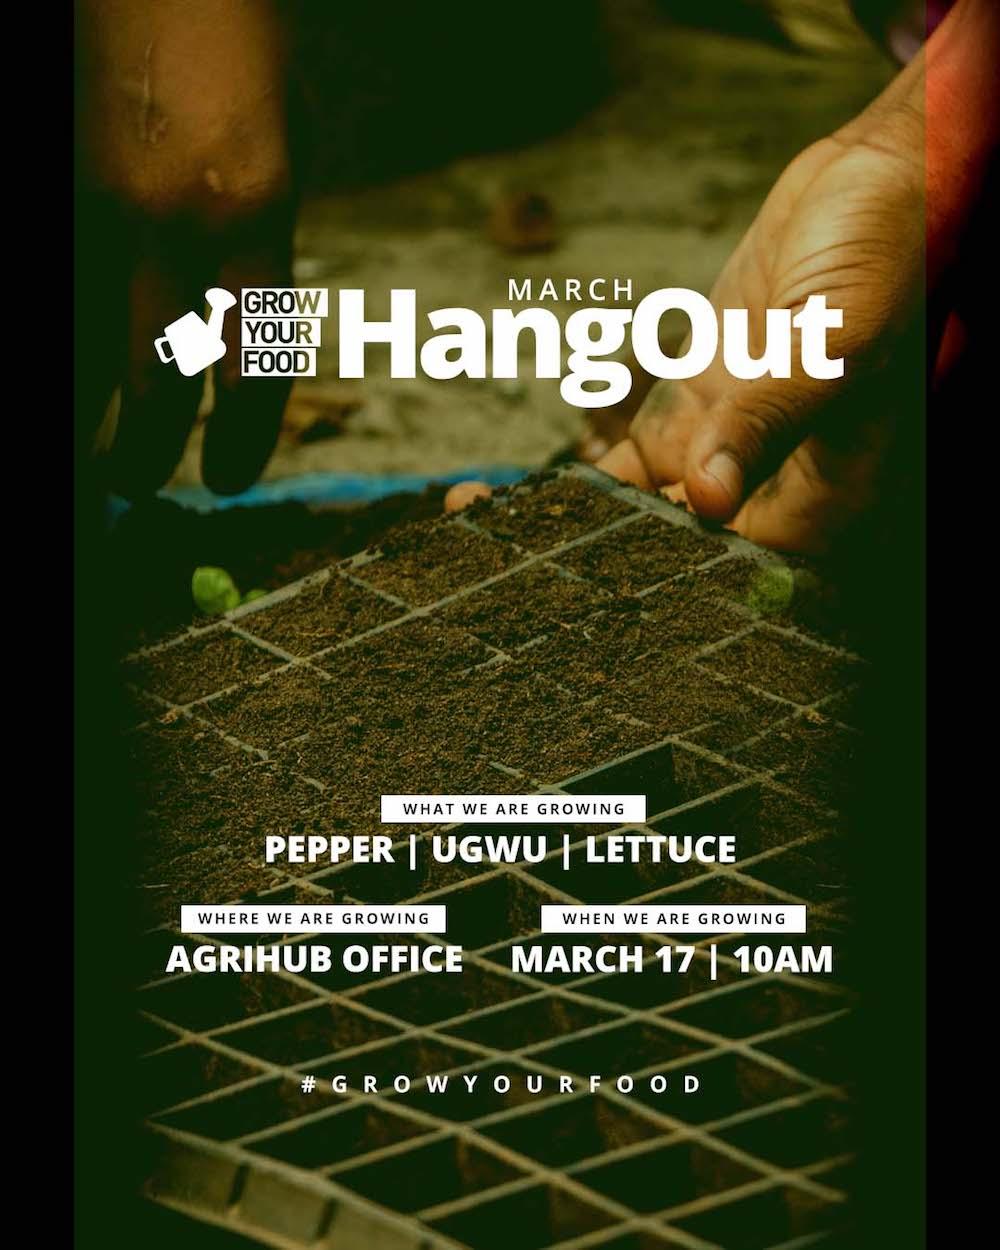 AgriHub-GrowYourFood-02-Feb-2018-IG-HangOut-March.jpg